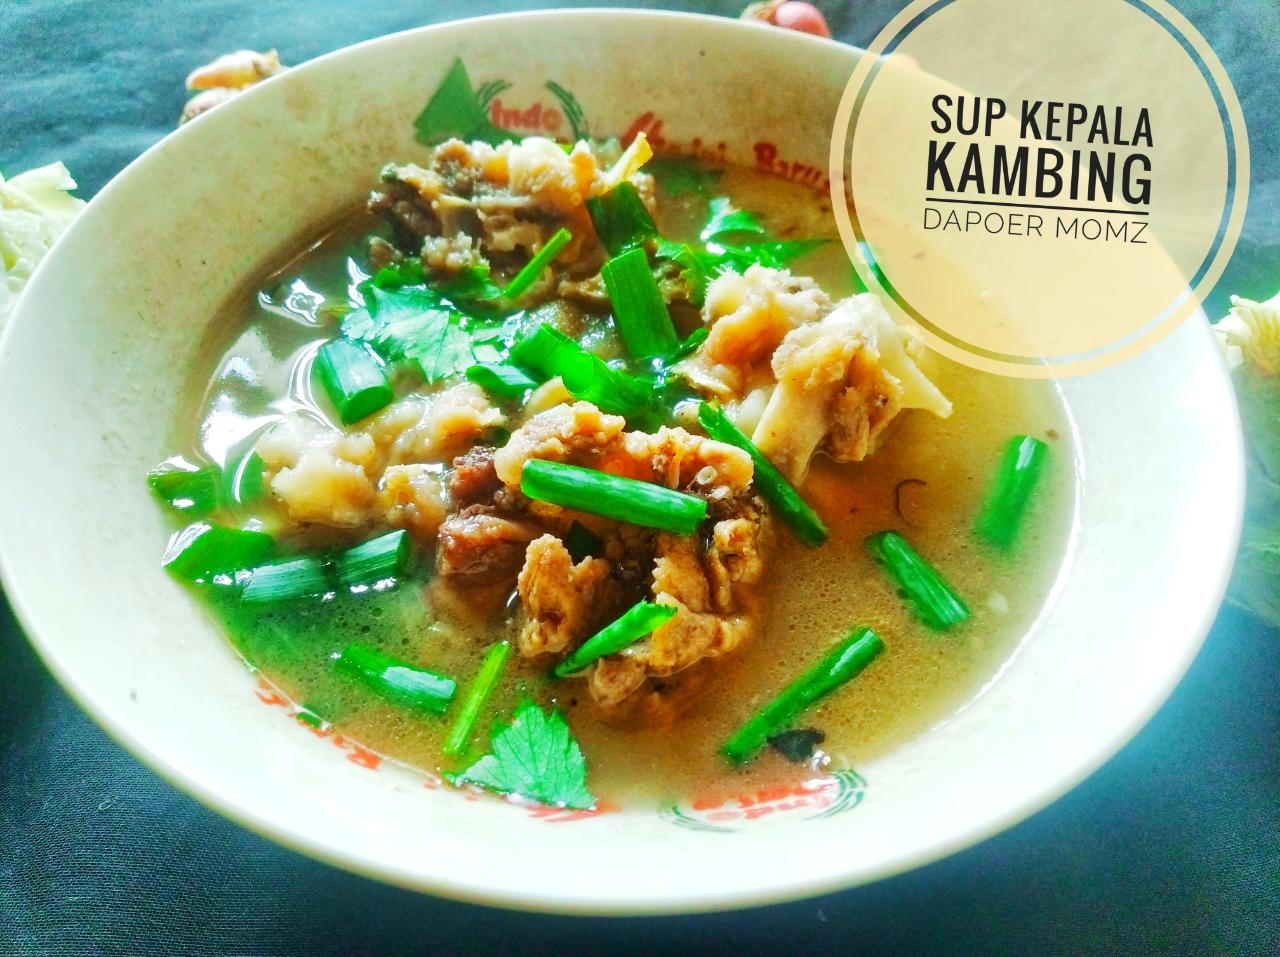 Sup Kepala Kambing, Kuliner Lain Di Hari Raya Selain Sate Yang Wajib Dicoba!